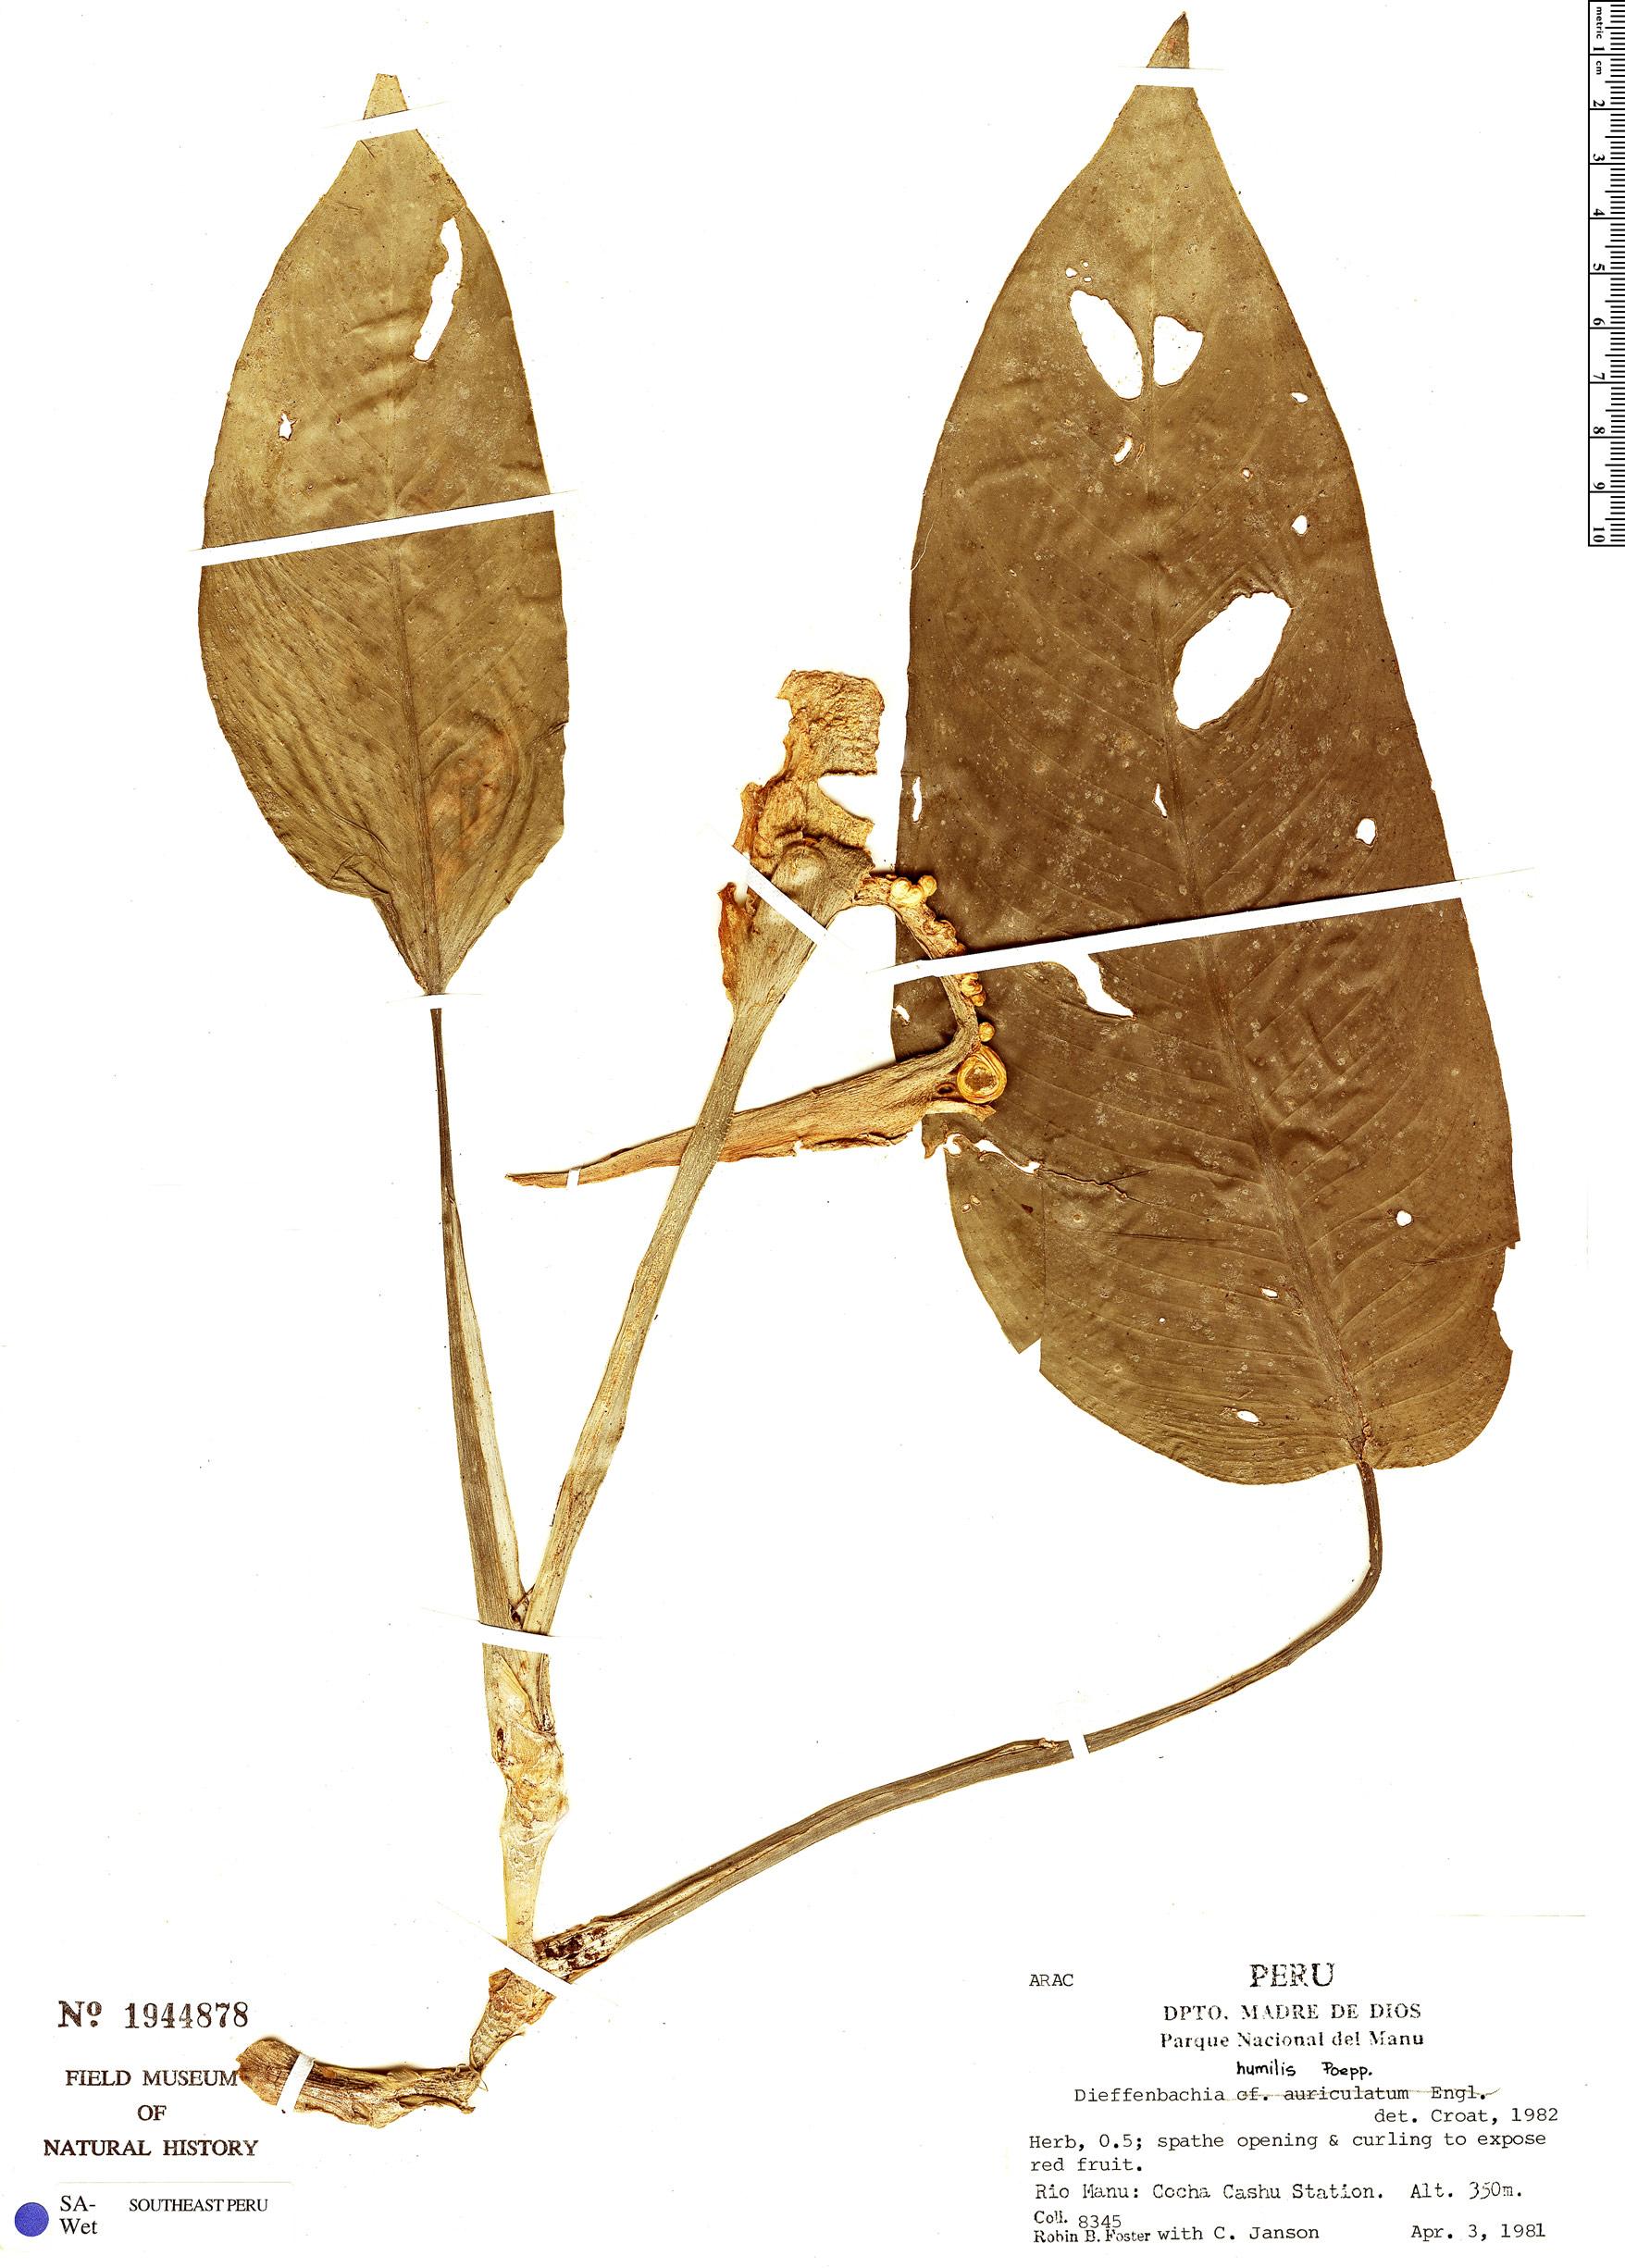 Specimen: Dieffenbachia humilis